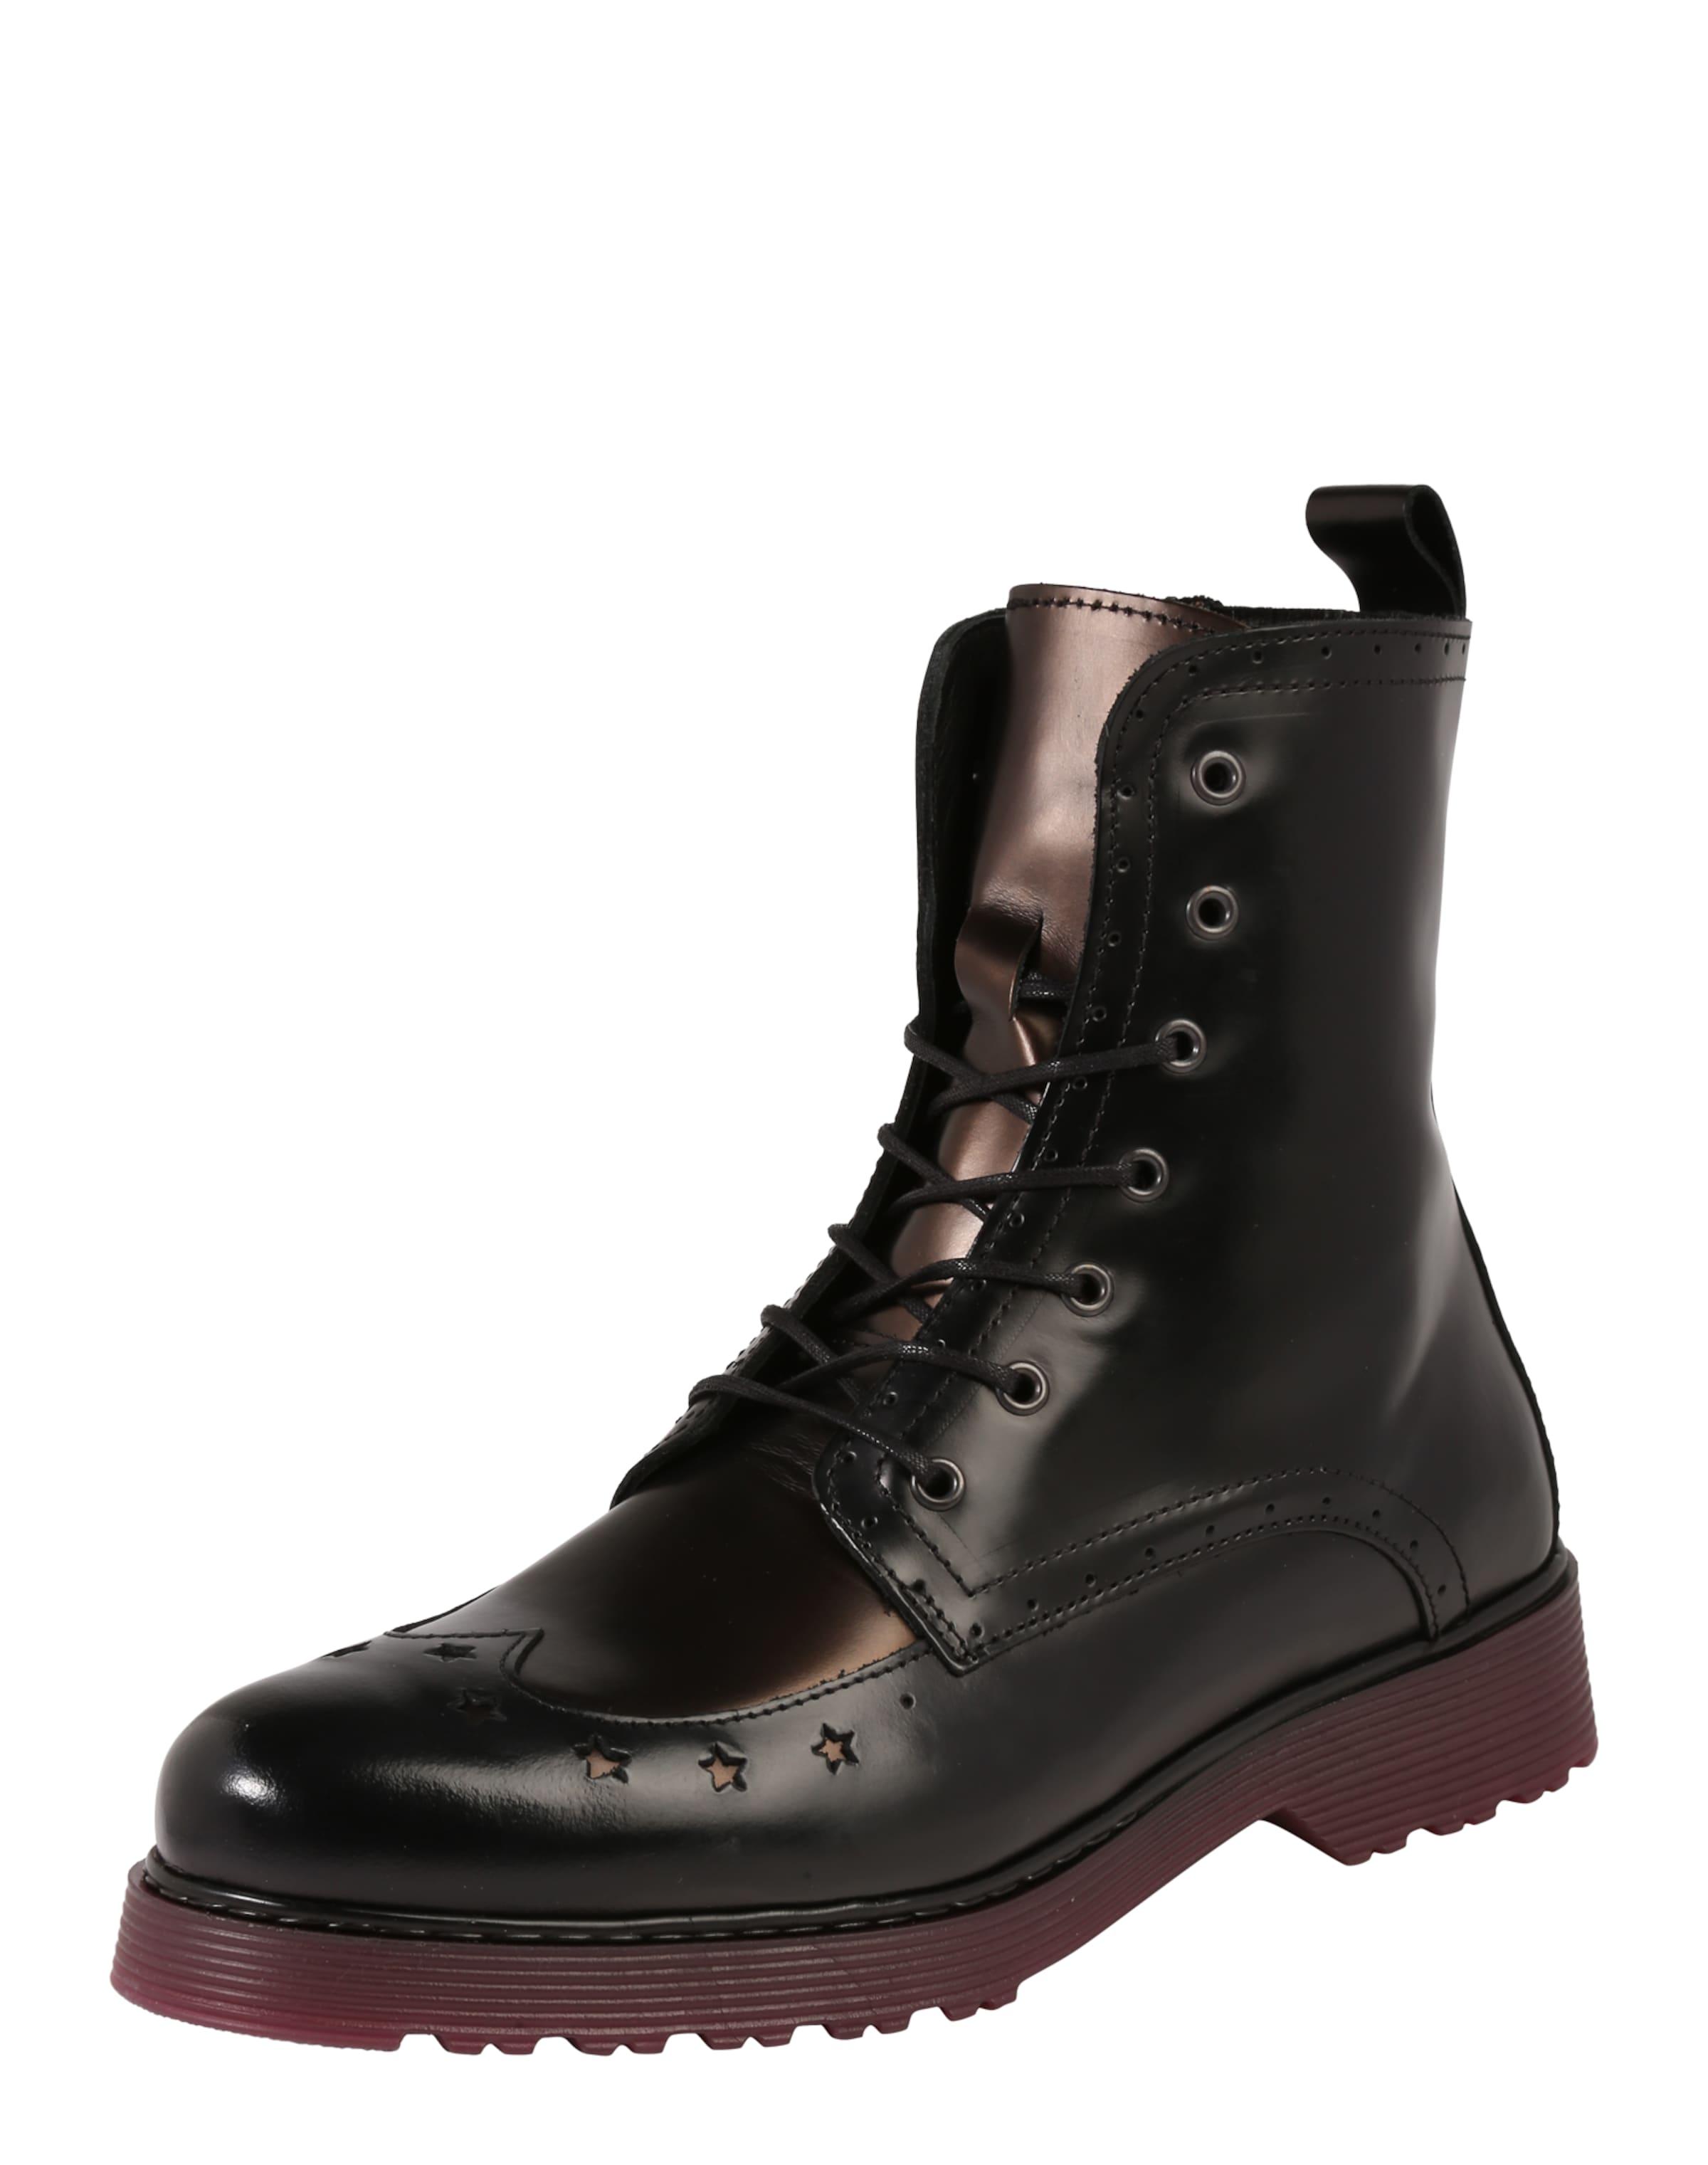 Haltbare Mode billige Schuhe TOMMY HILFIGER | Schnürstiefeletten 'Lotta' 'Lotta' 'Lotta' Schuhe Gut getragene Schuhe 464512